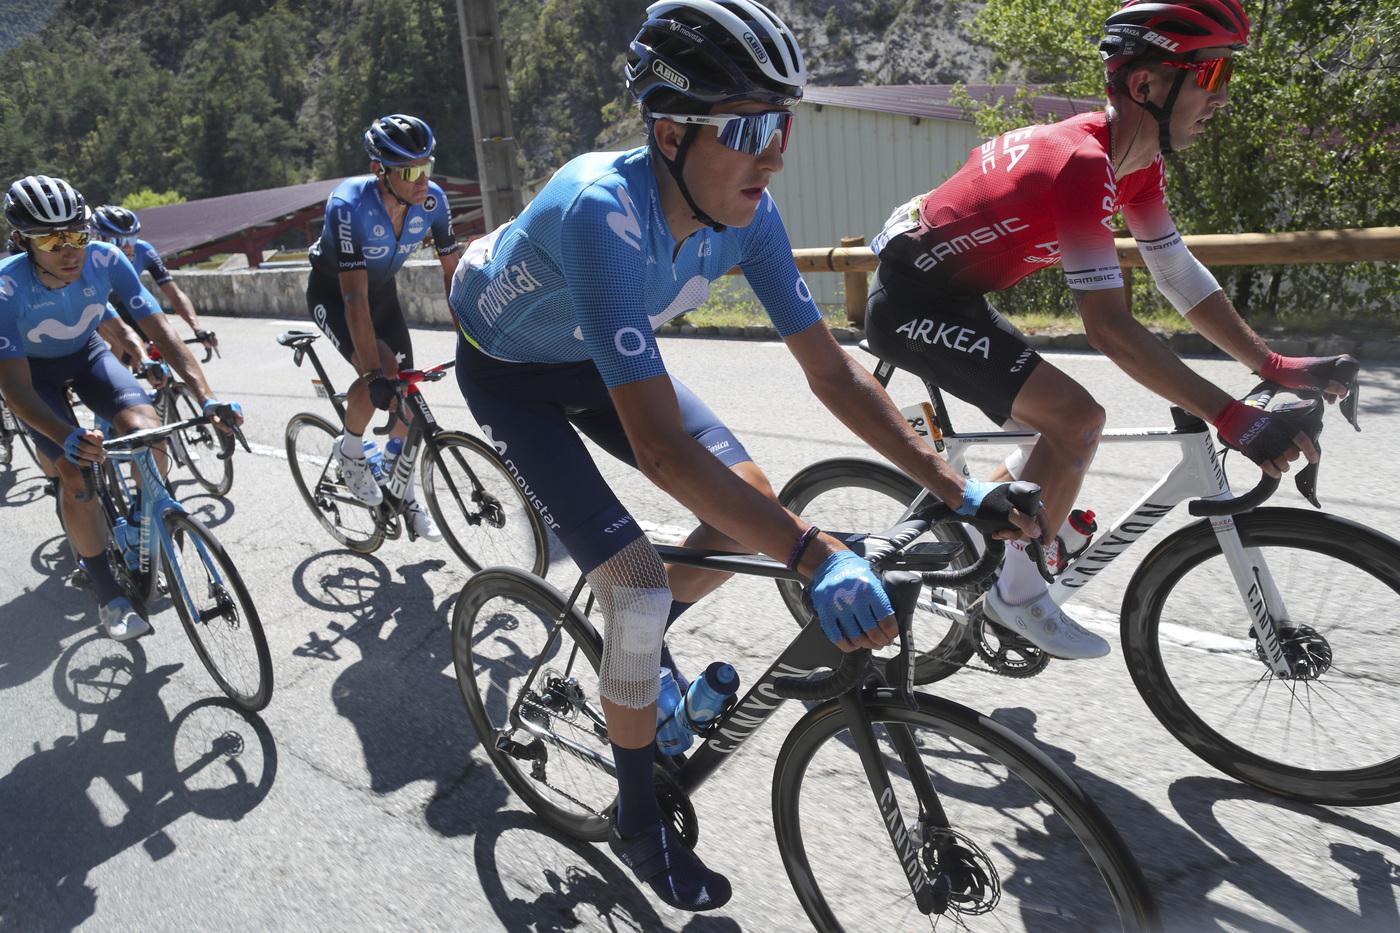 """Vuelta a España 2020, Marc Soler: """"Eravamo molto motivati a conquistare la tappa di casa. Ci meritavamo una ricompensa"""""""